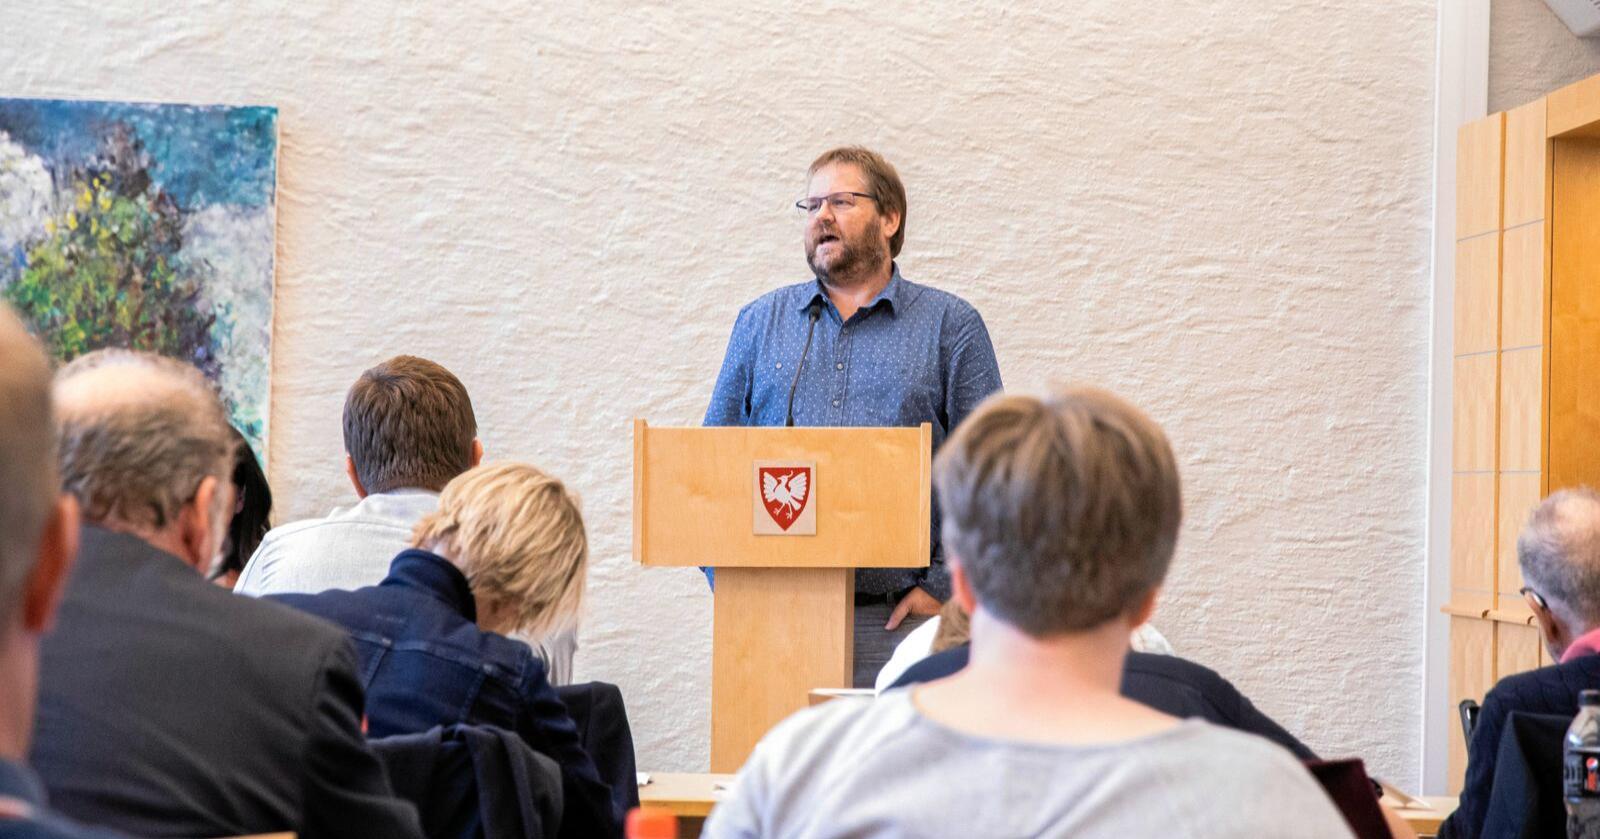 Utbryter: Anders Undheim meldte seg ut av KrF for å sikre nedbygging av 150 mål matjord i Time. Foto: Snorre S. Norheim/Jærbladet